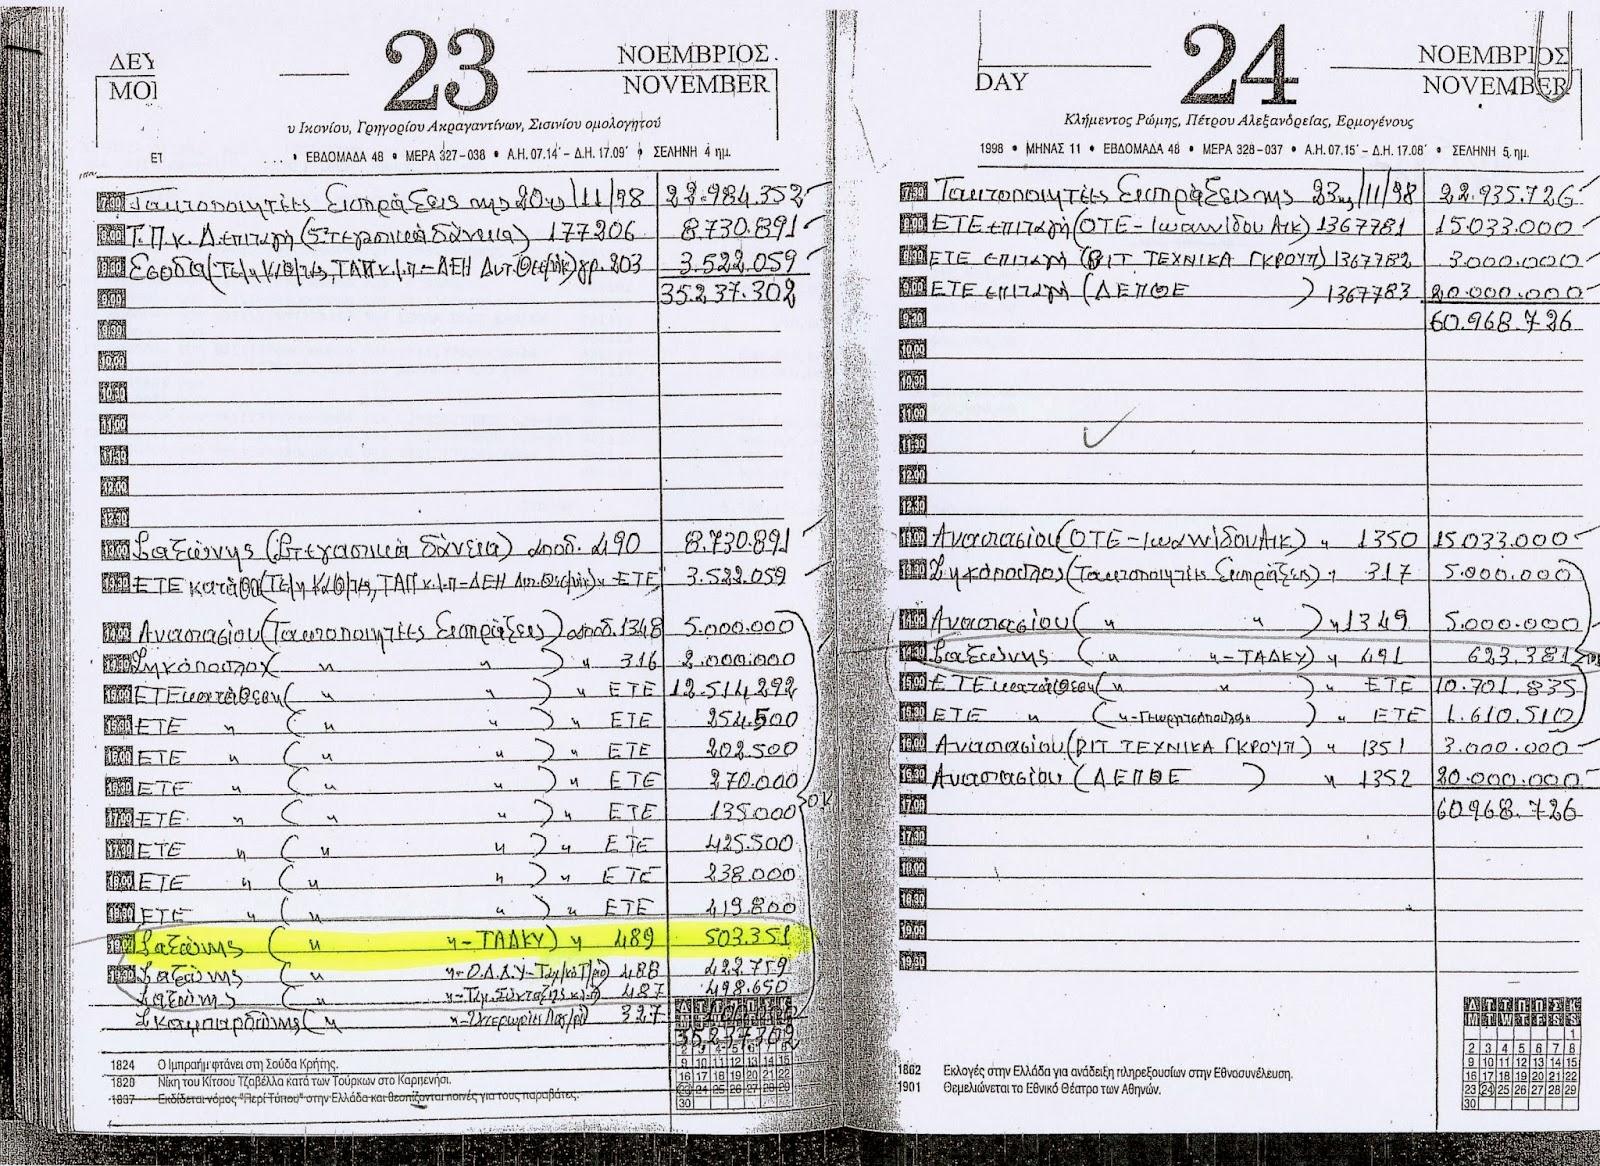 Ποιός δικαστής δίκασε τόν Παπαγεωργόπουλο;25